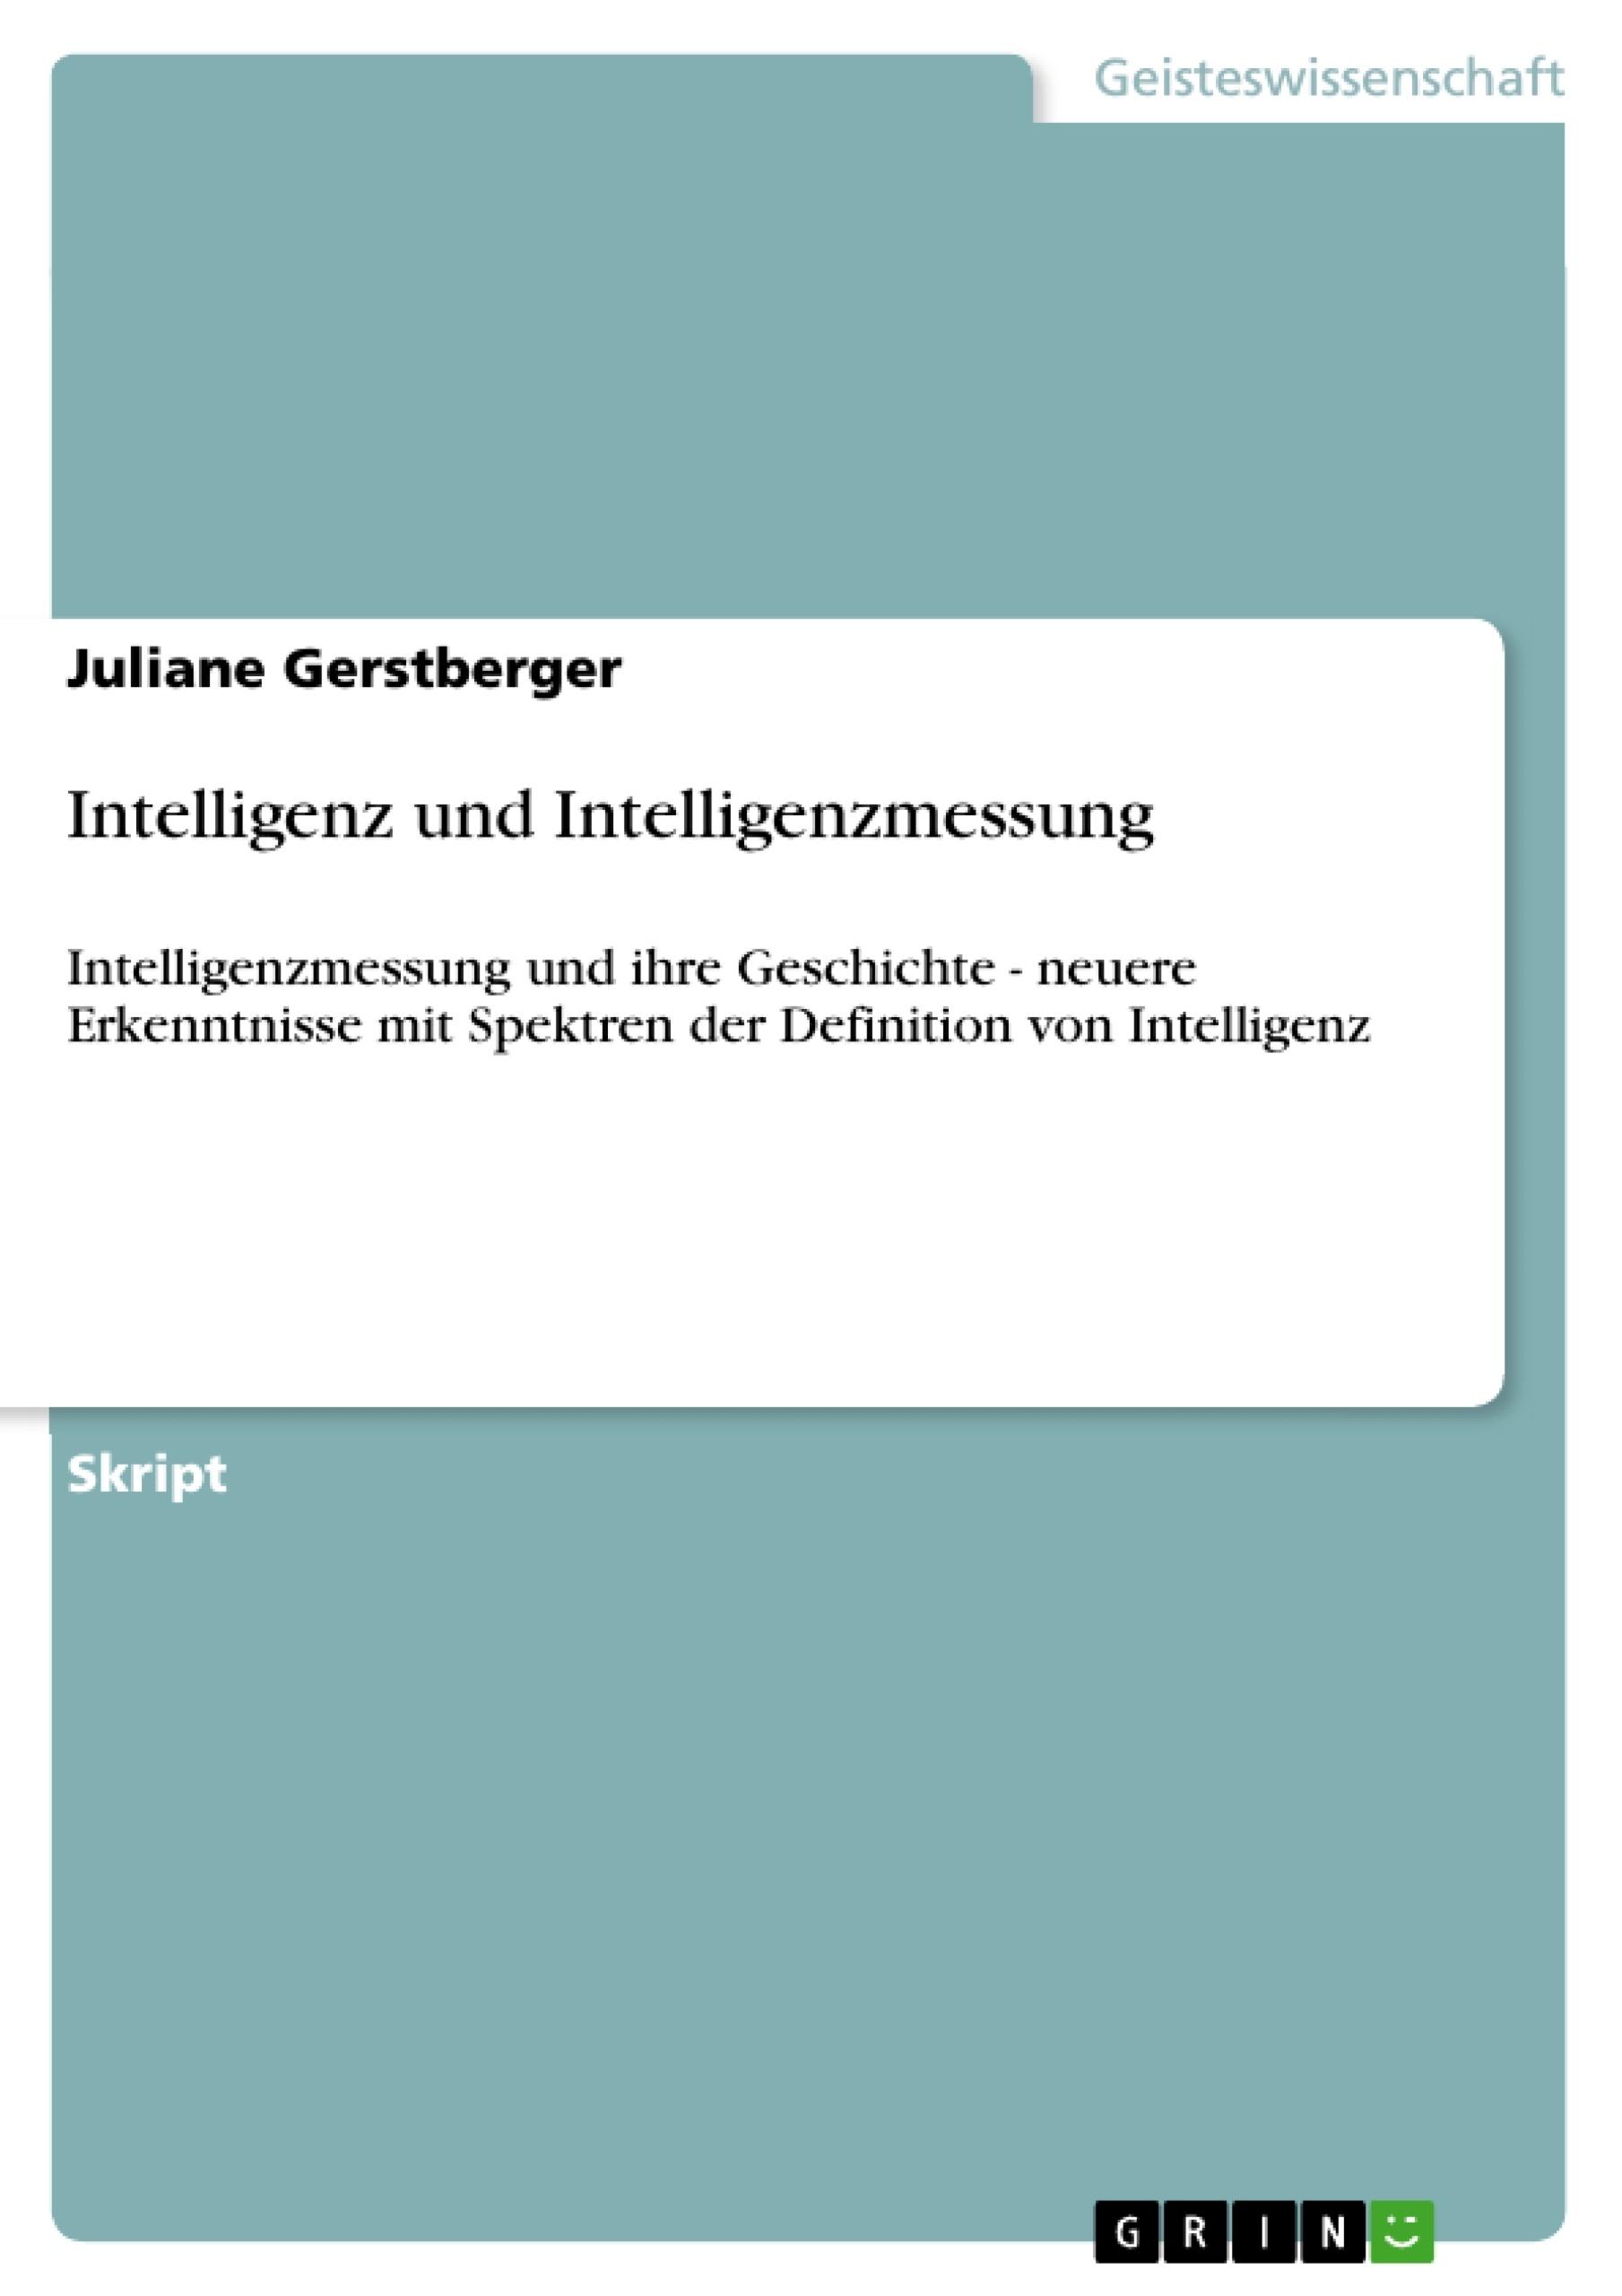 Titel: Intelligenz und Intelligenzmessung